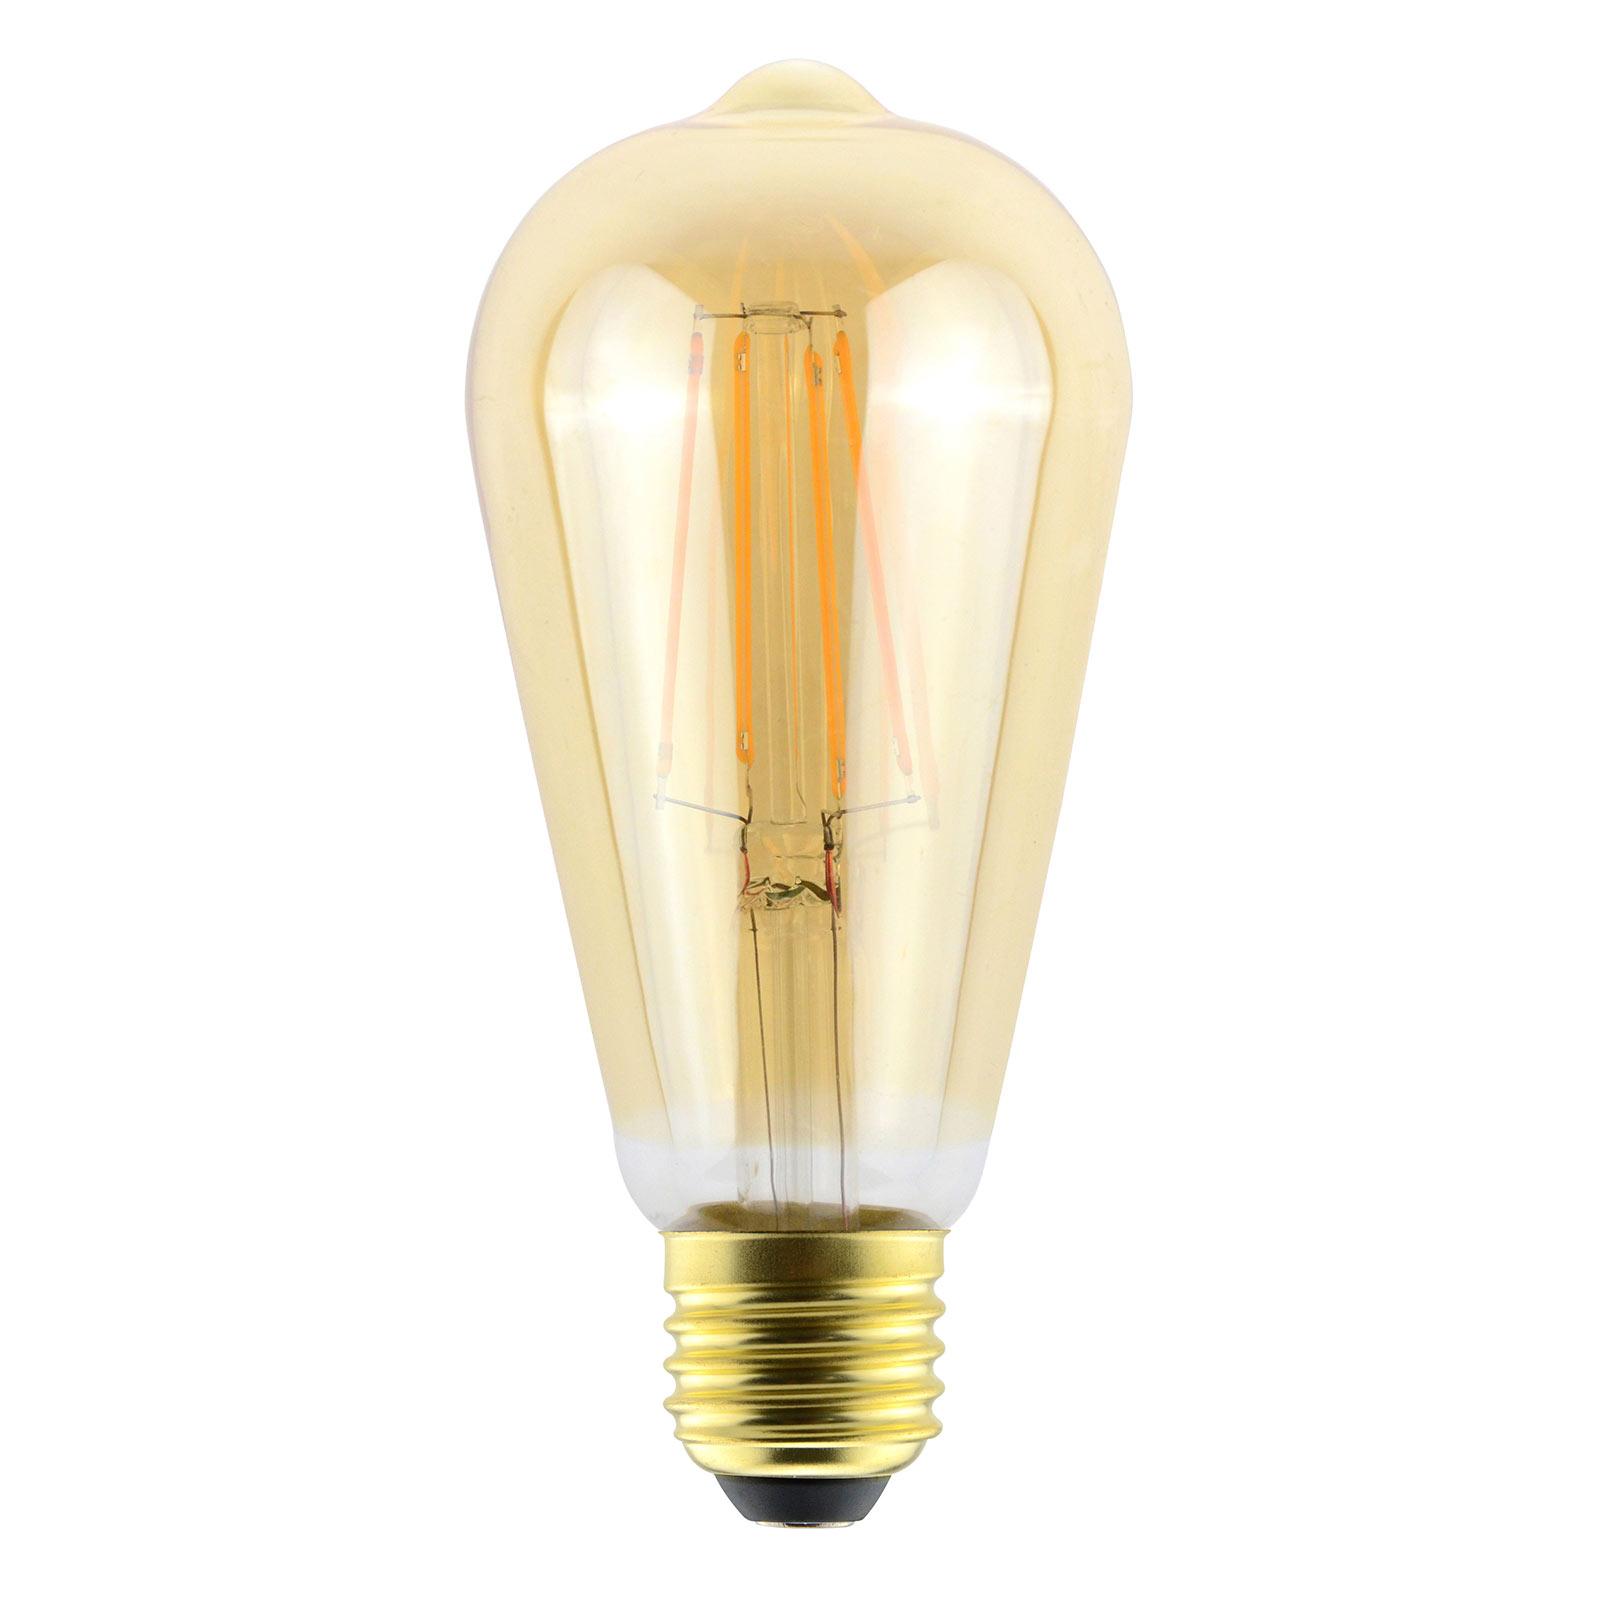 Żarówka LED E27 ToLEDo RT ST64 6W 825 złota